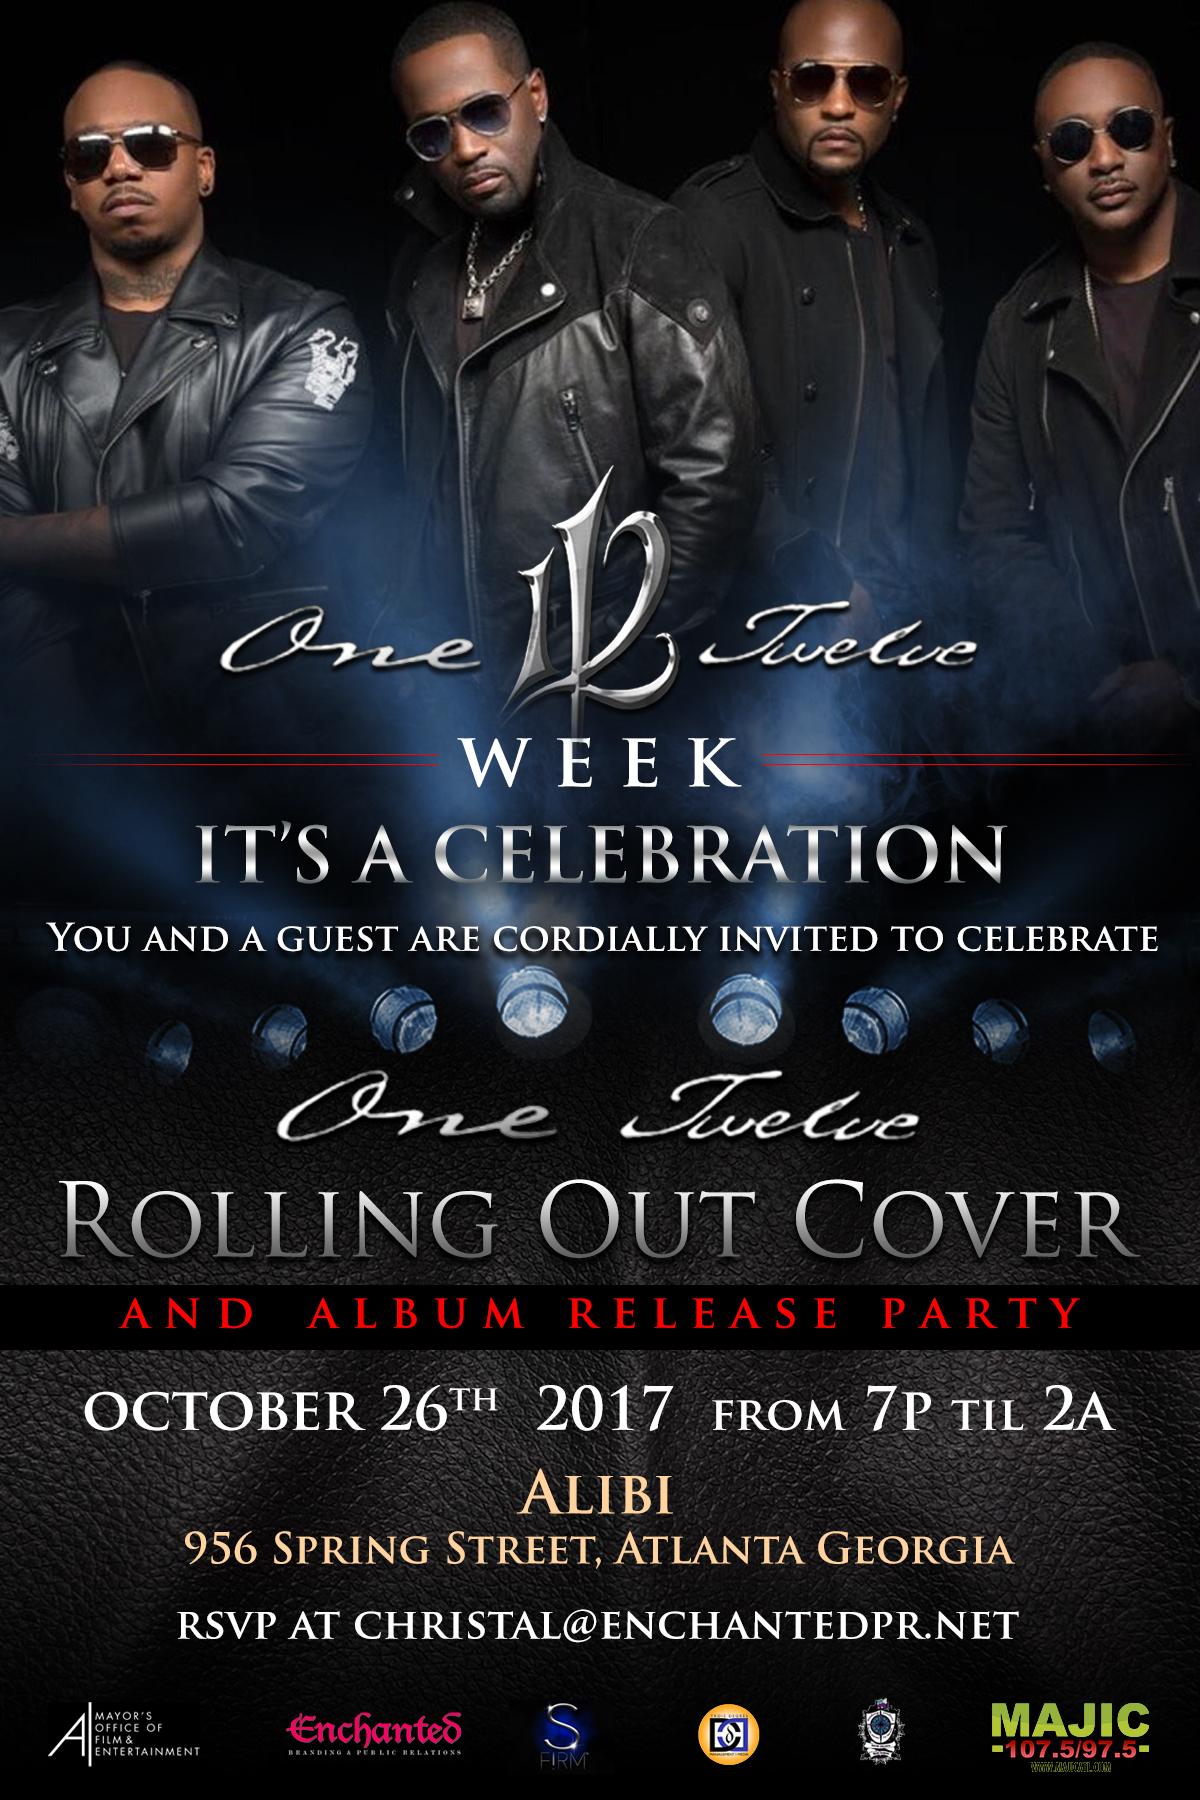 112 Week Atlanta Album Release